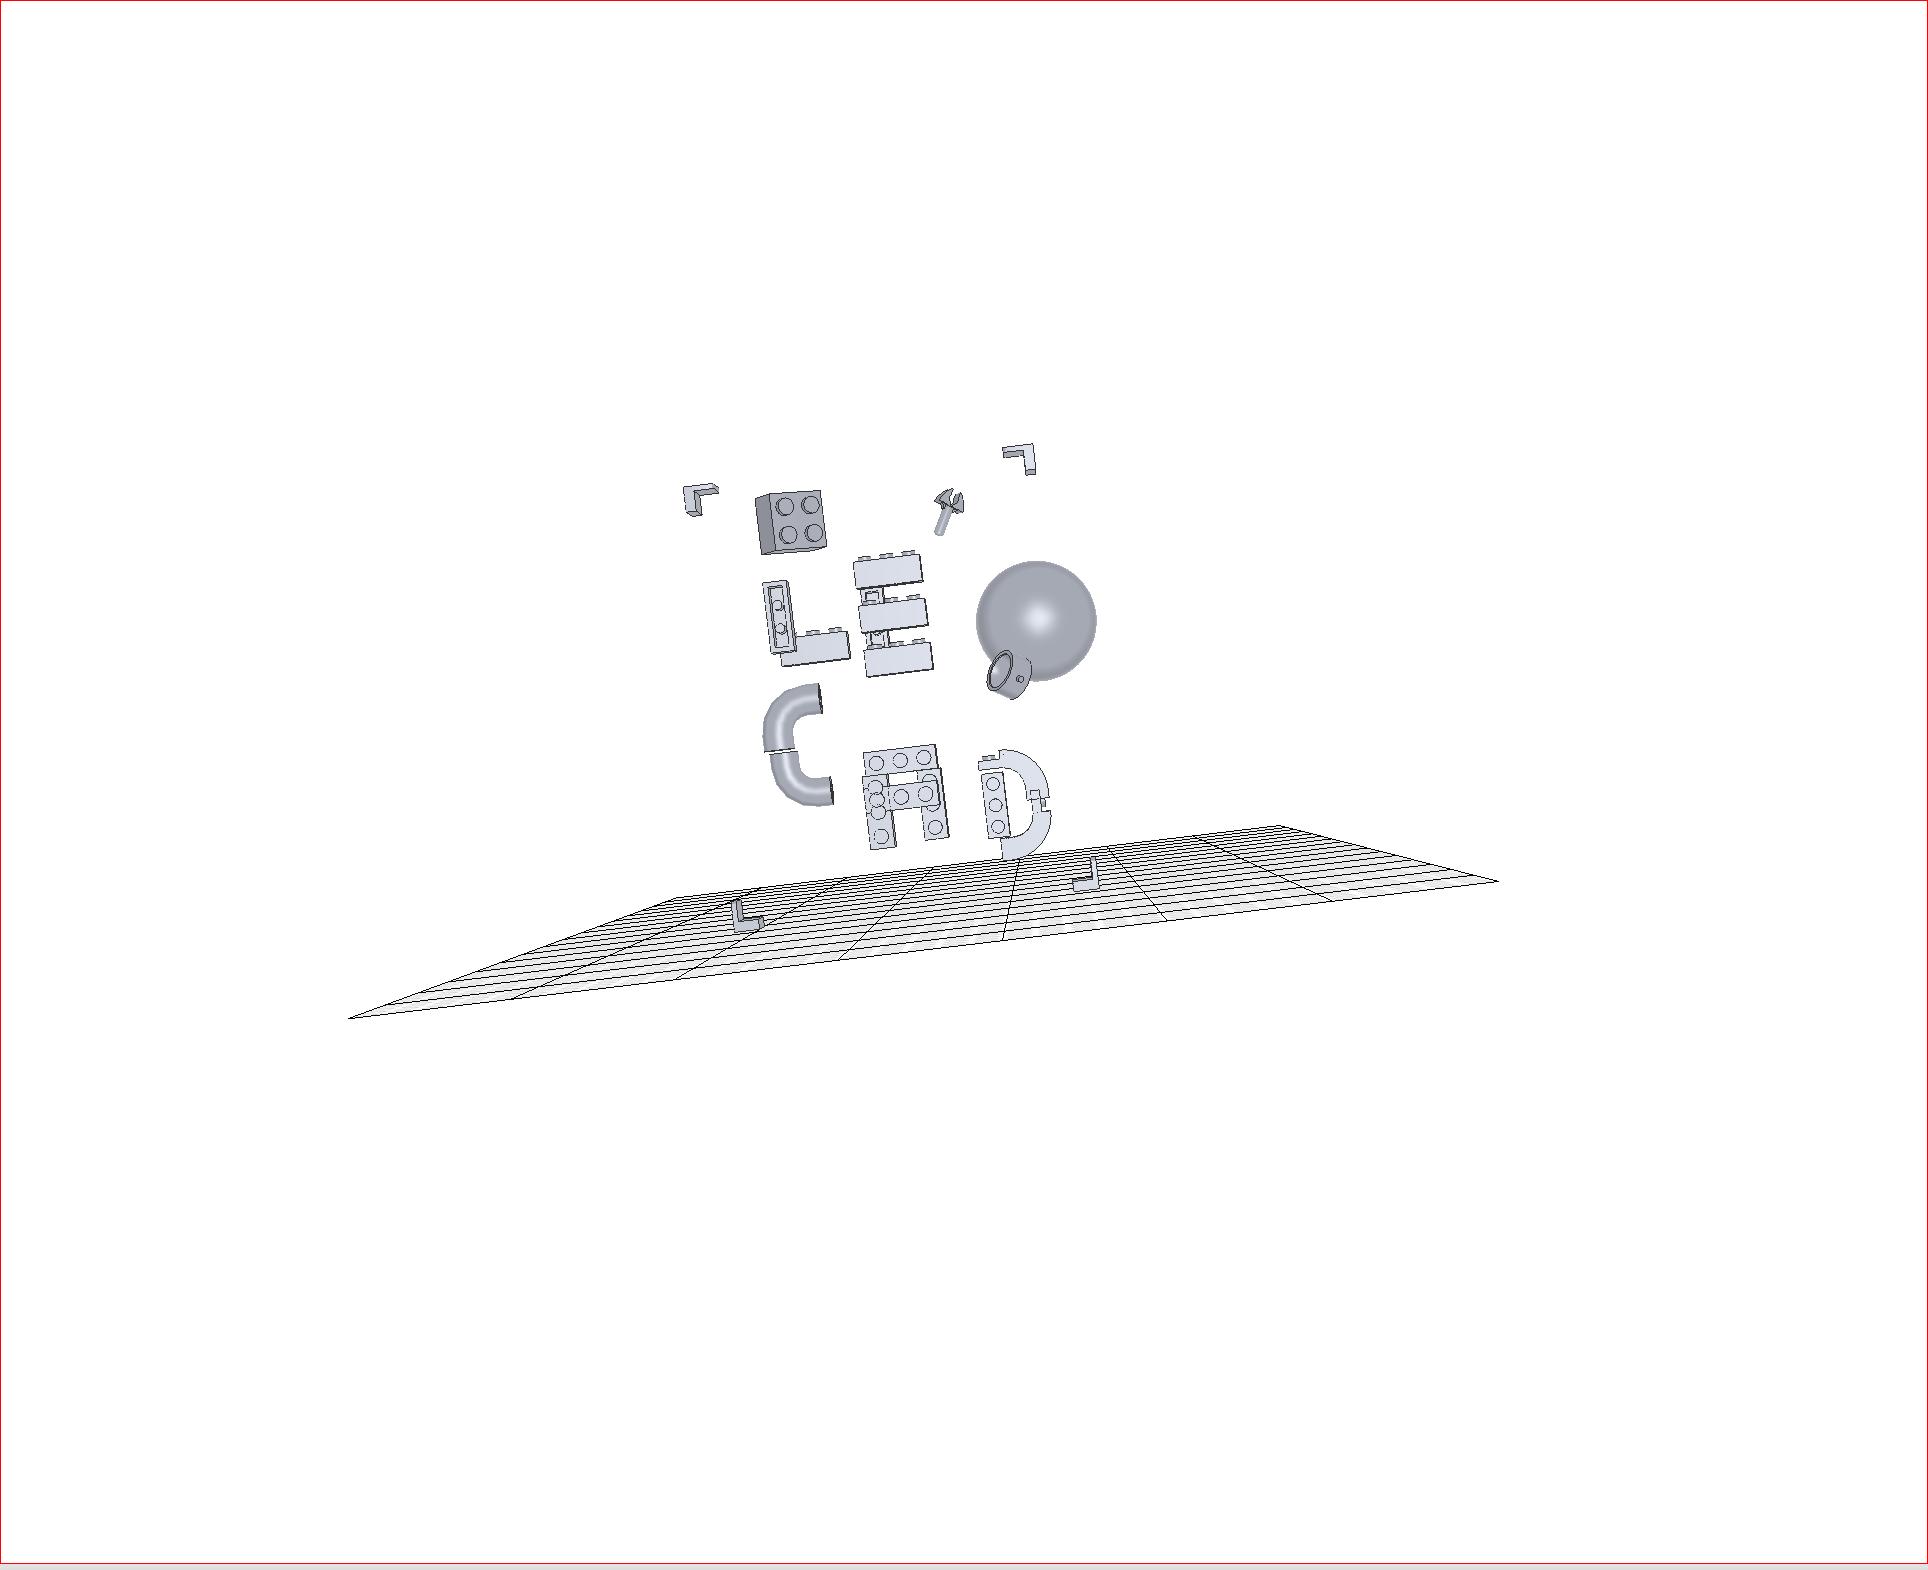 content/Leocadimages/Capture d'écran 2018-03-30 à 13.04.42.png